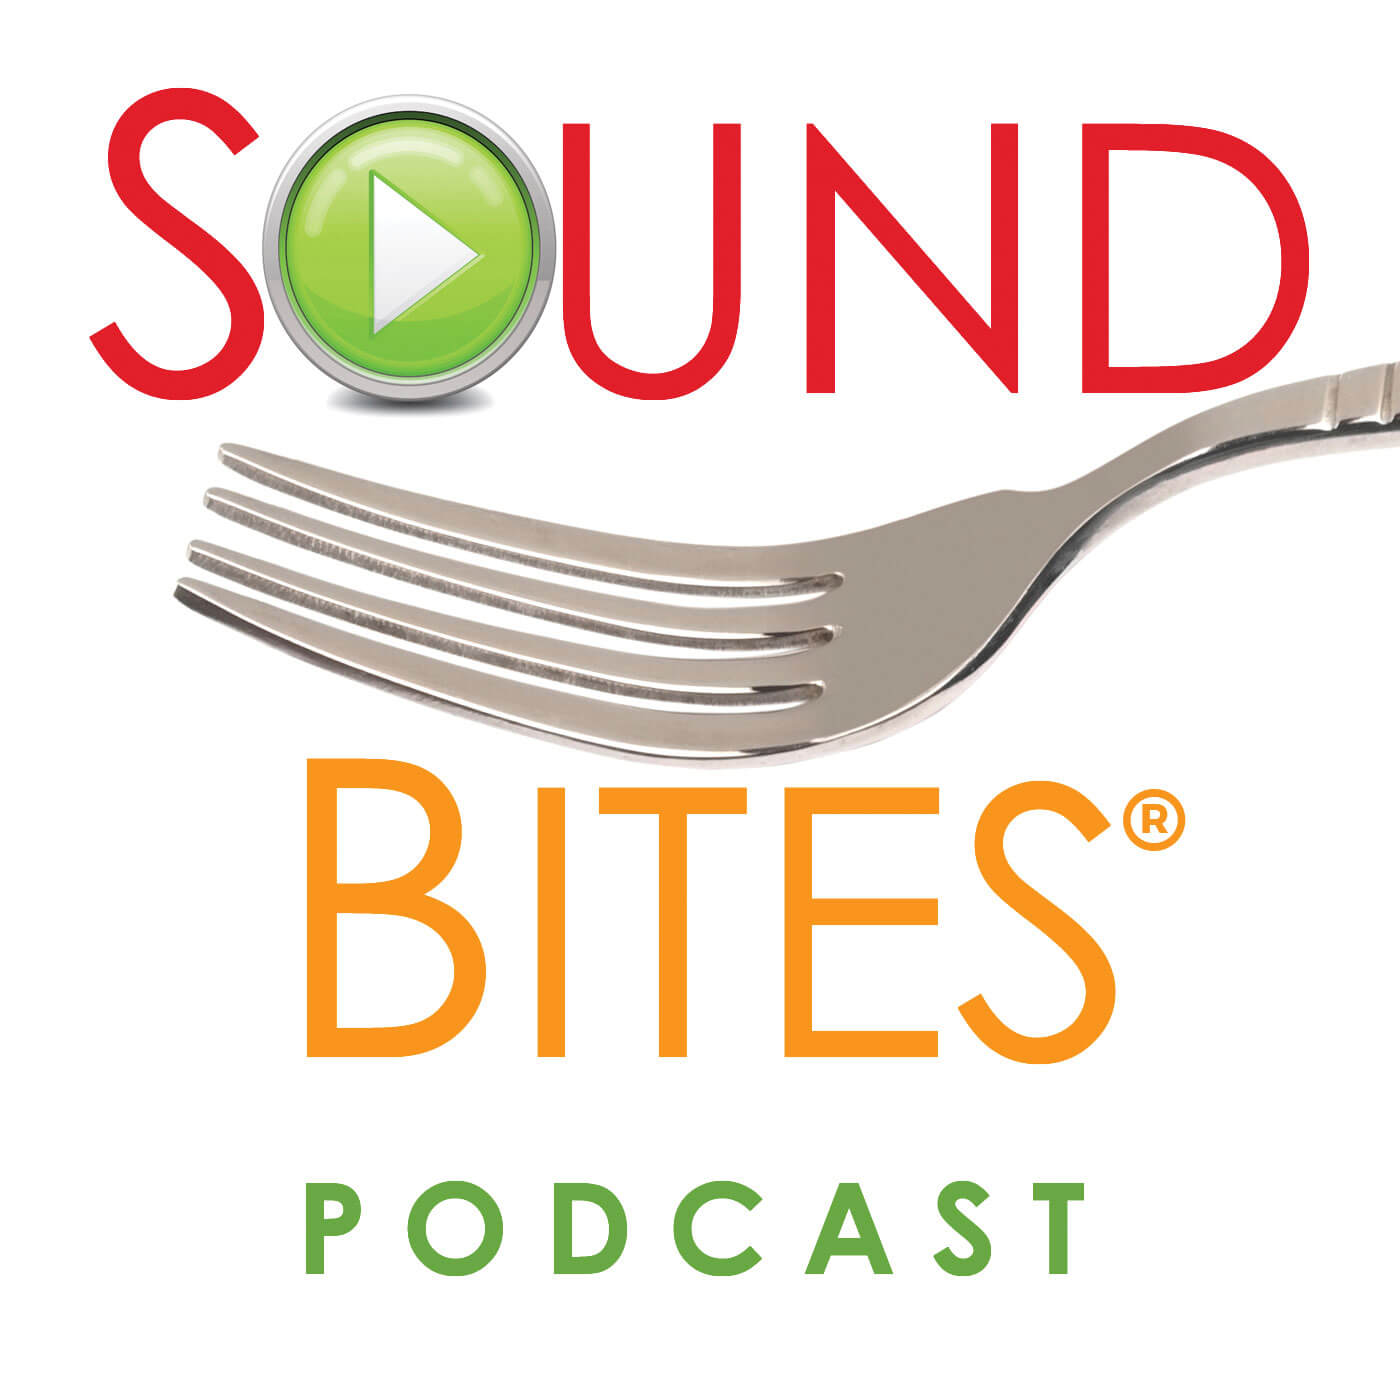 sound-bites-podcast-logo_2017